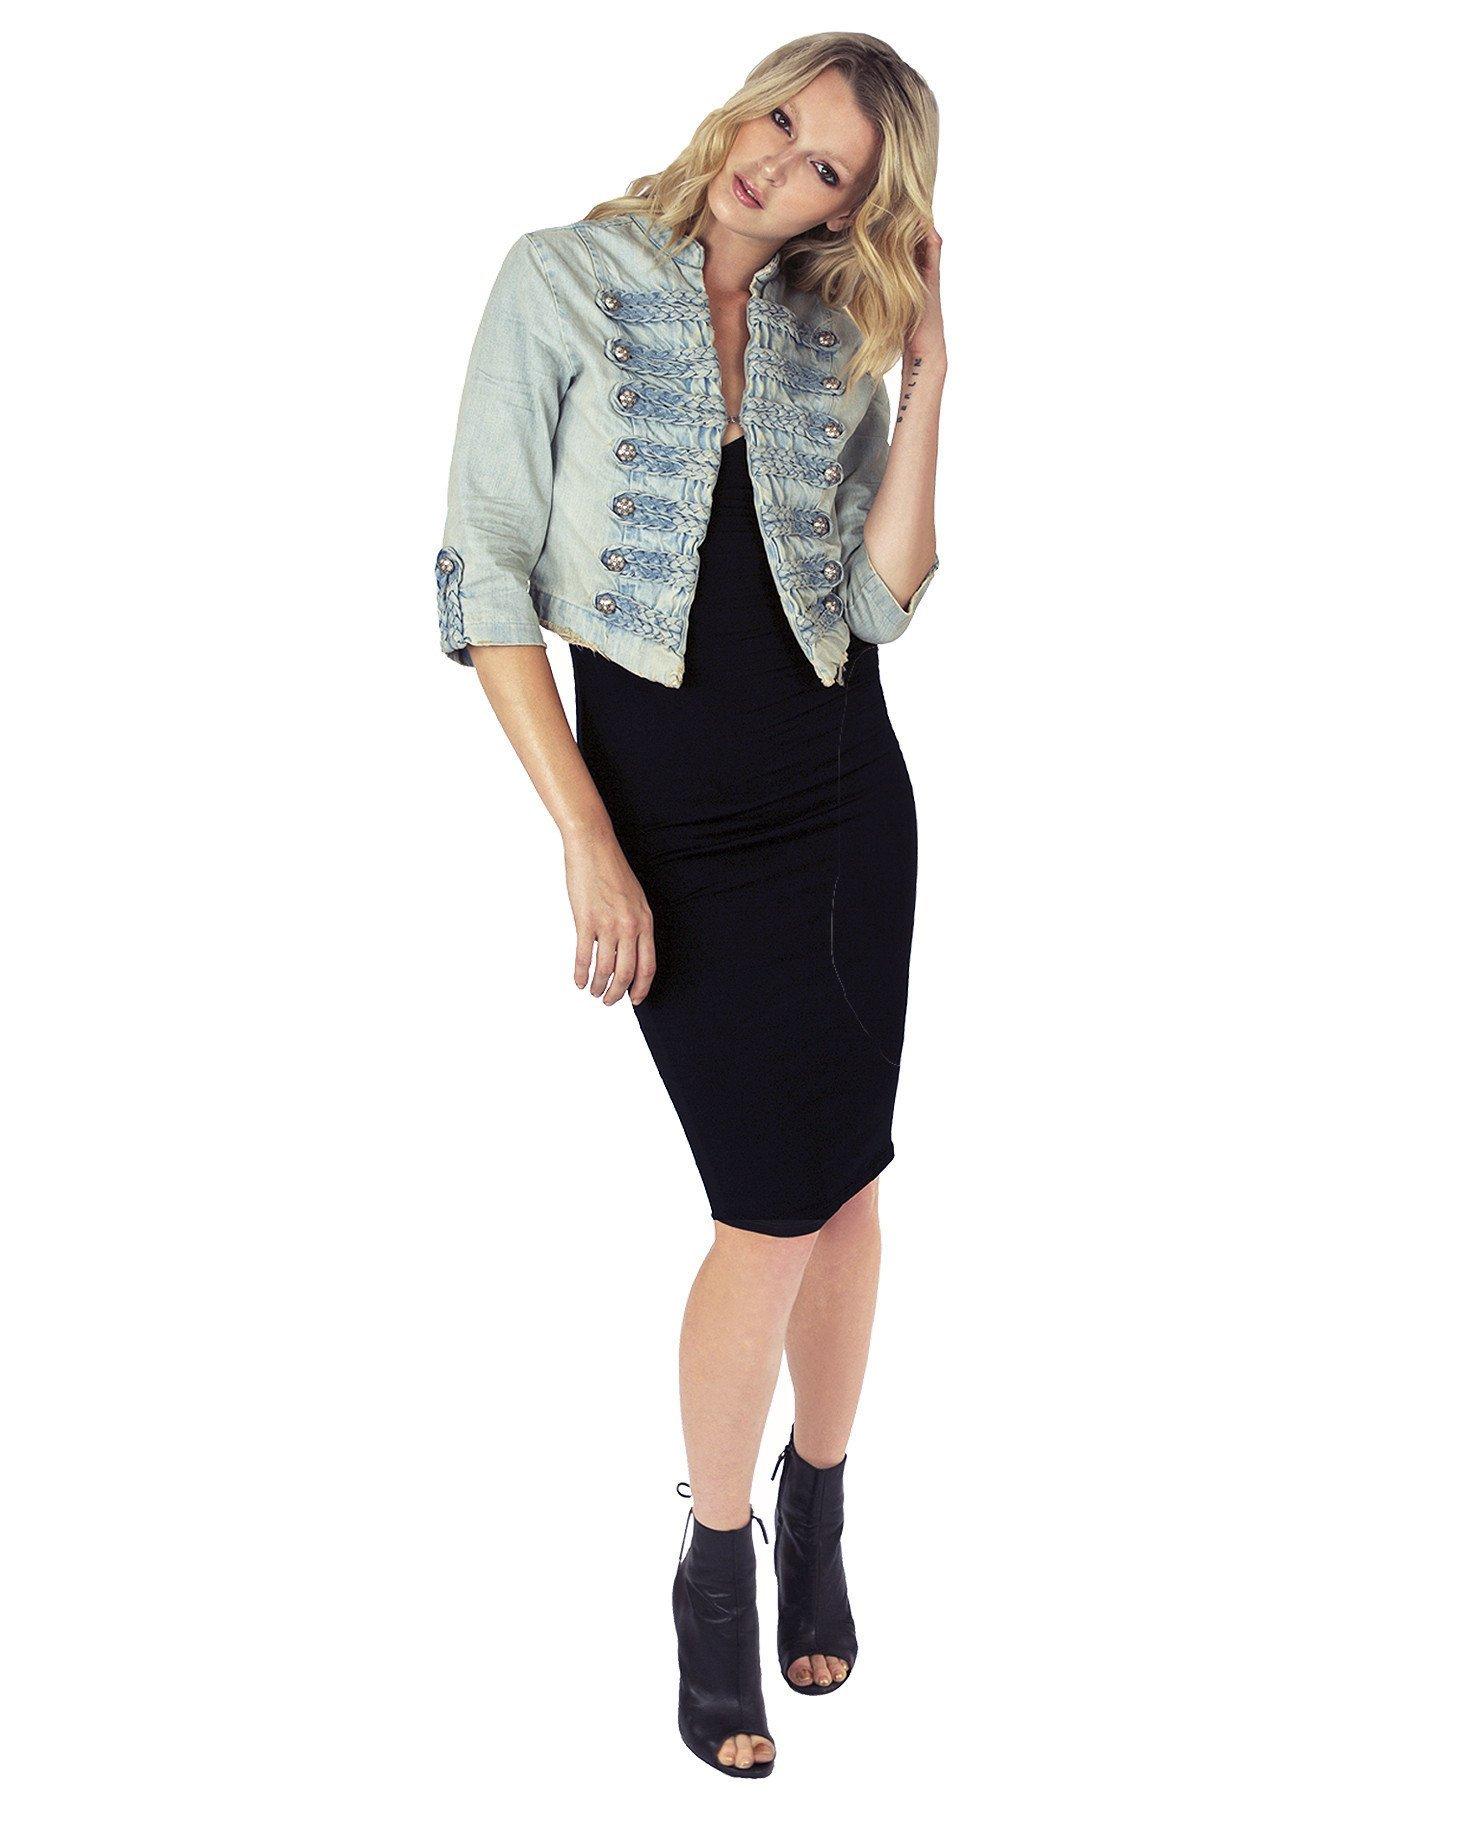 Nikki Lund System Denim Jacket by Nikki Lund